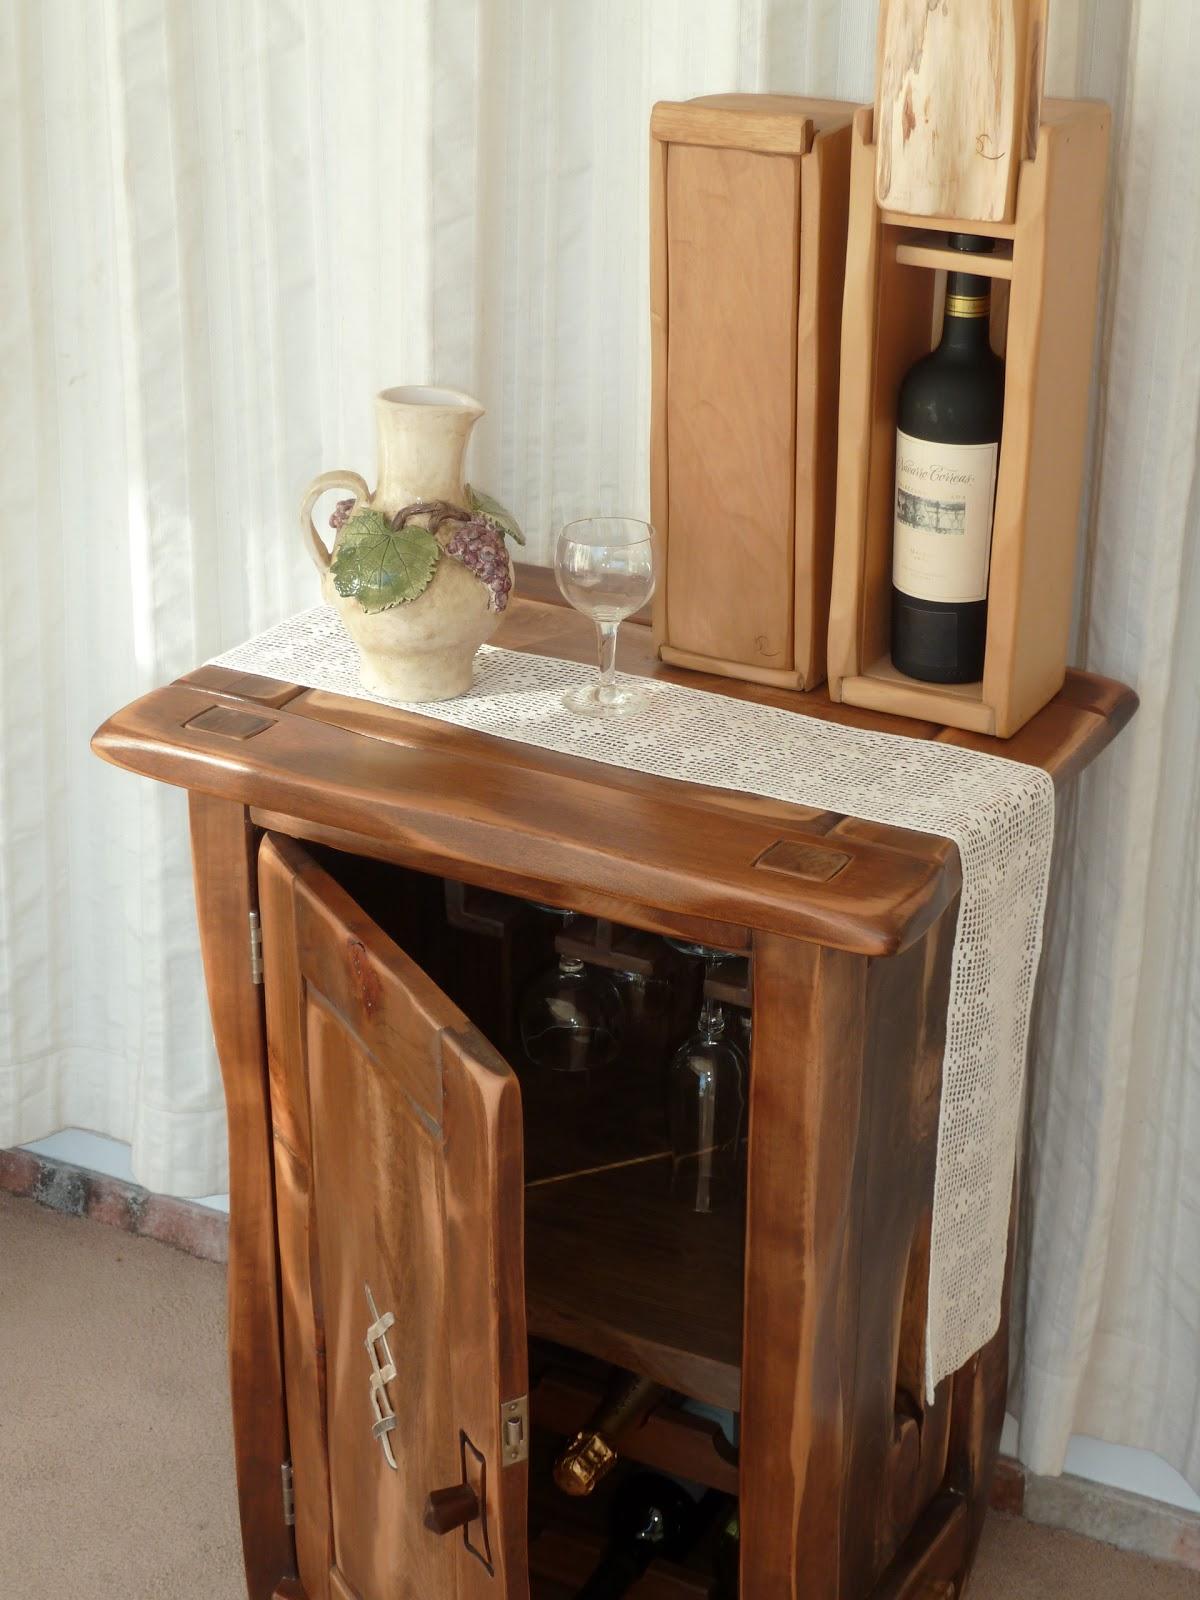 Daniel canelo muebles artesanales for Muebles artesanales